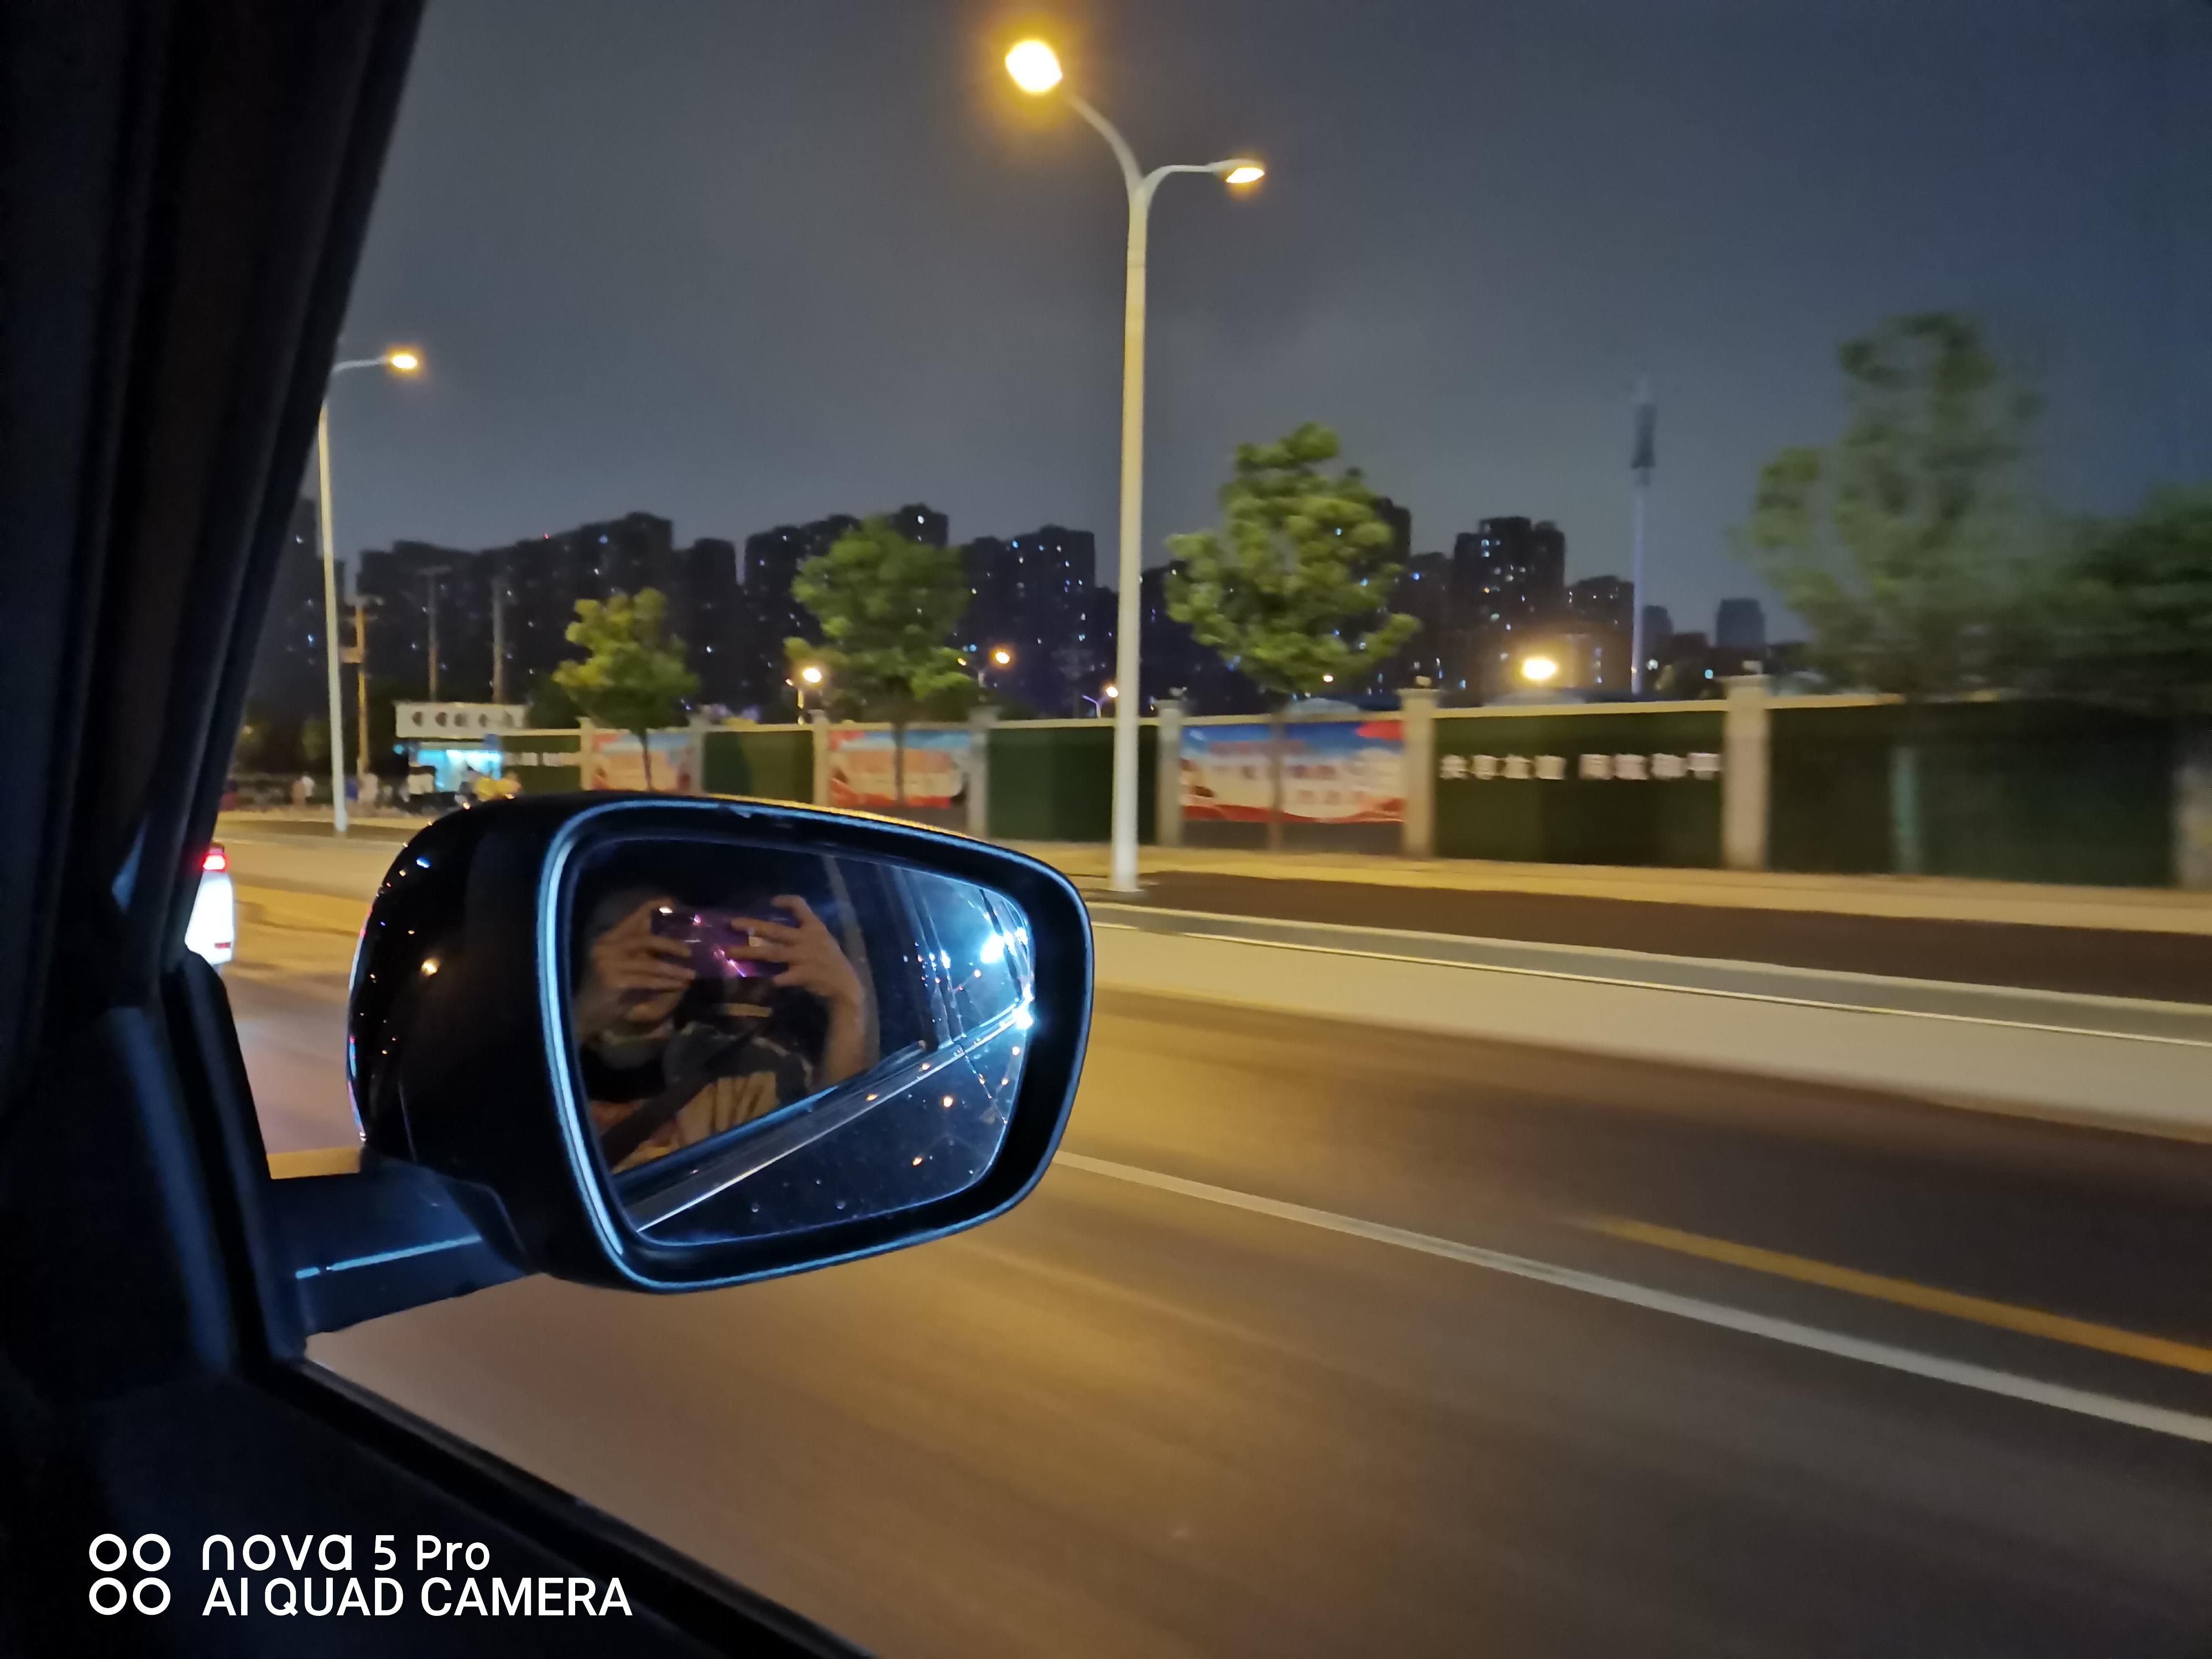 手机摄影实在太强,夜景模式媲美单反:不得不说华为很厉害